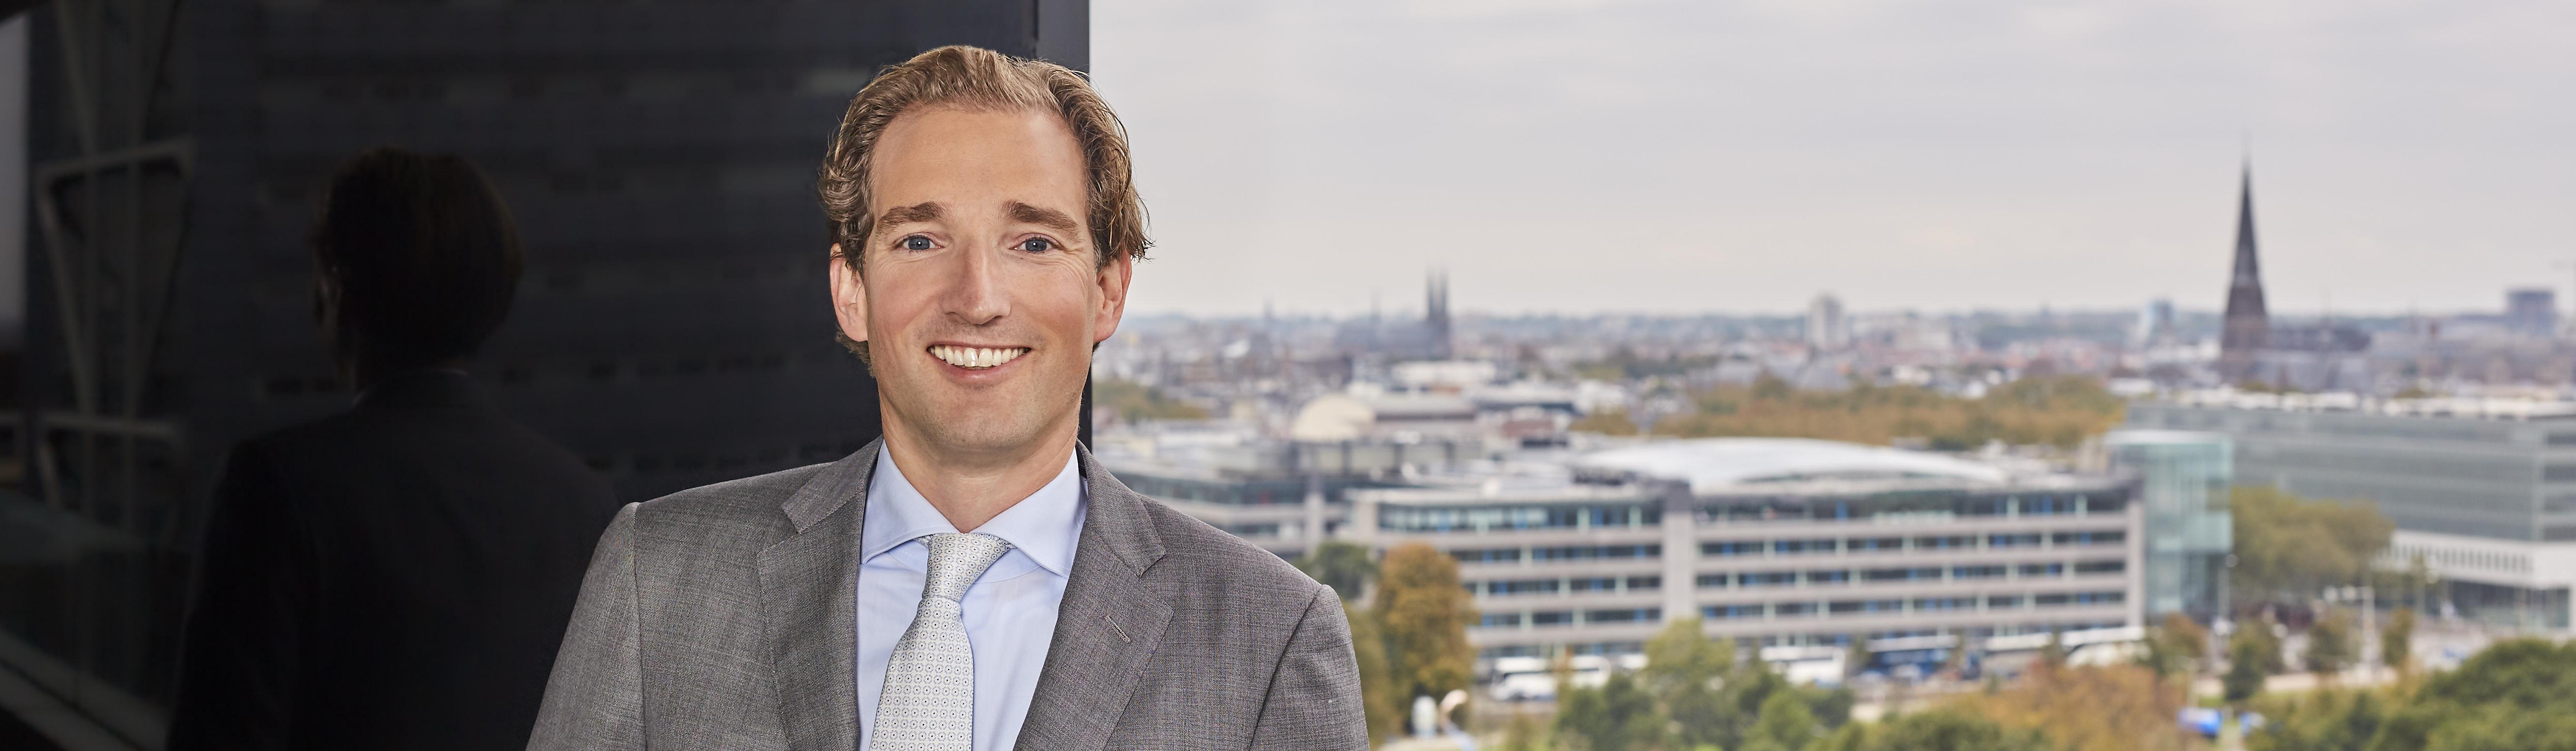 Reimer Veldhuis, advocaat landsadvocaat Pels Rijcken